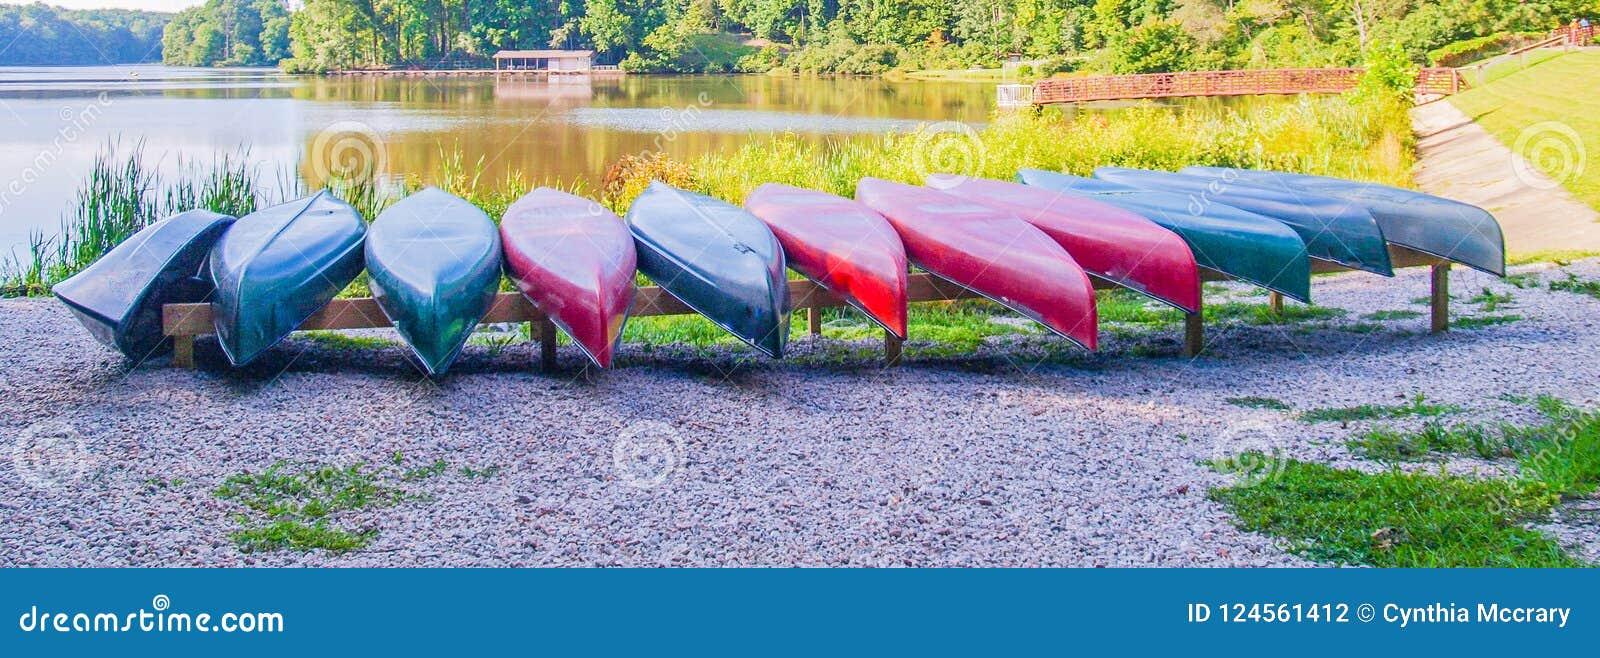 Rad av kanoter på den stora sjön